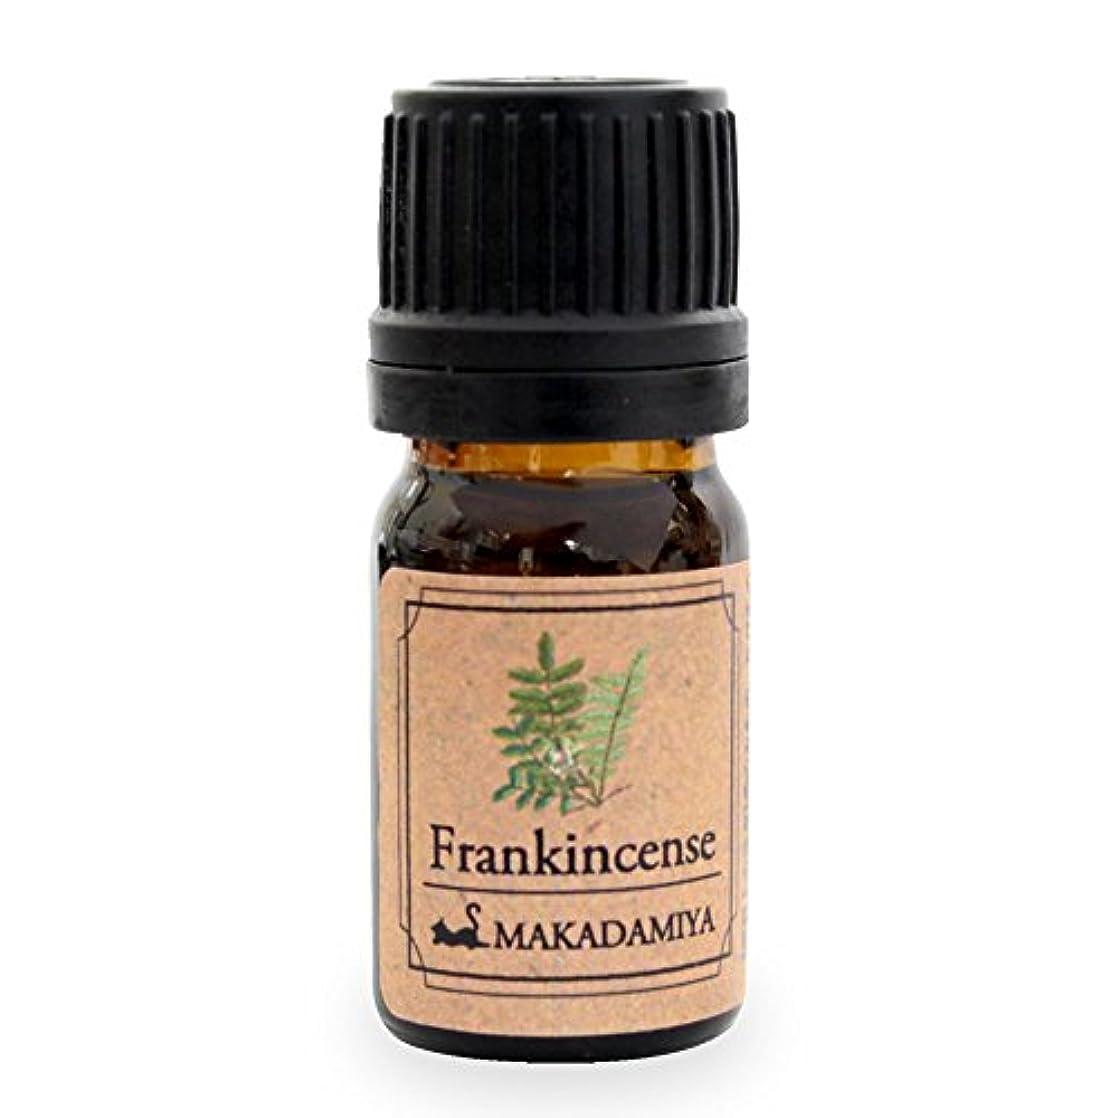 部プロフィールヒロインフランキンセンス5ml 天然100%植物性 エッセンシャルオイル(精油) アロマオイル アロママッサージ aroma Frankincense